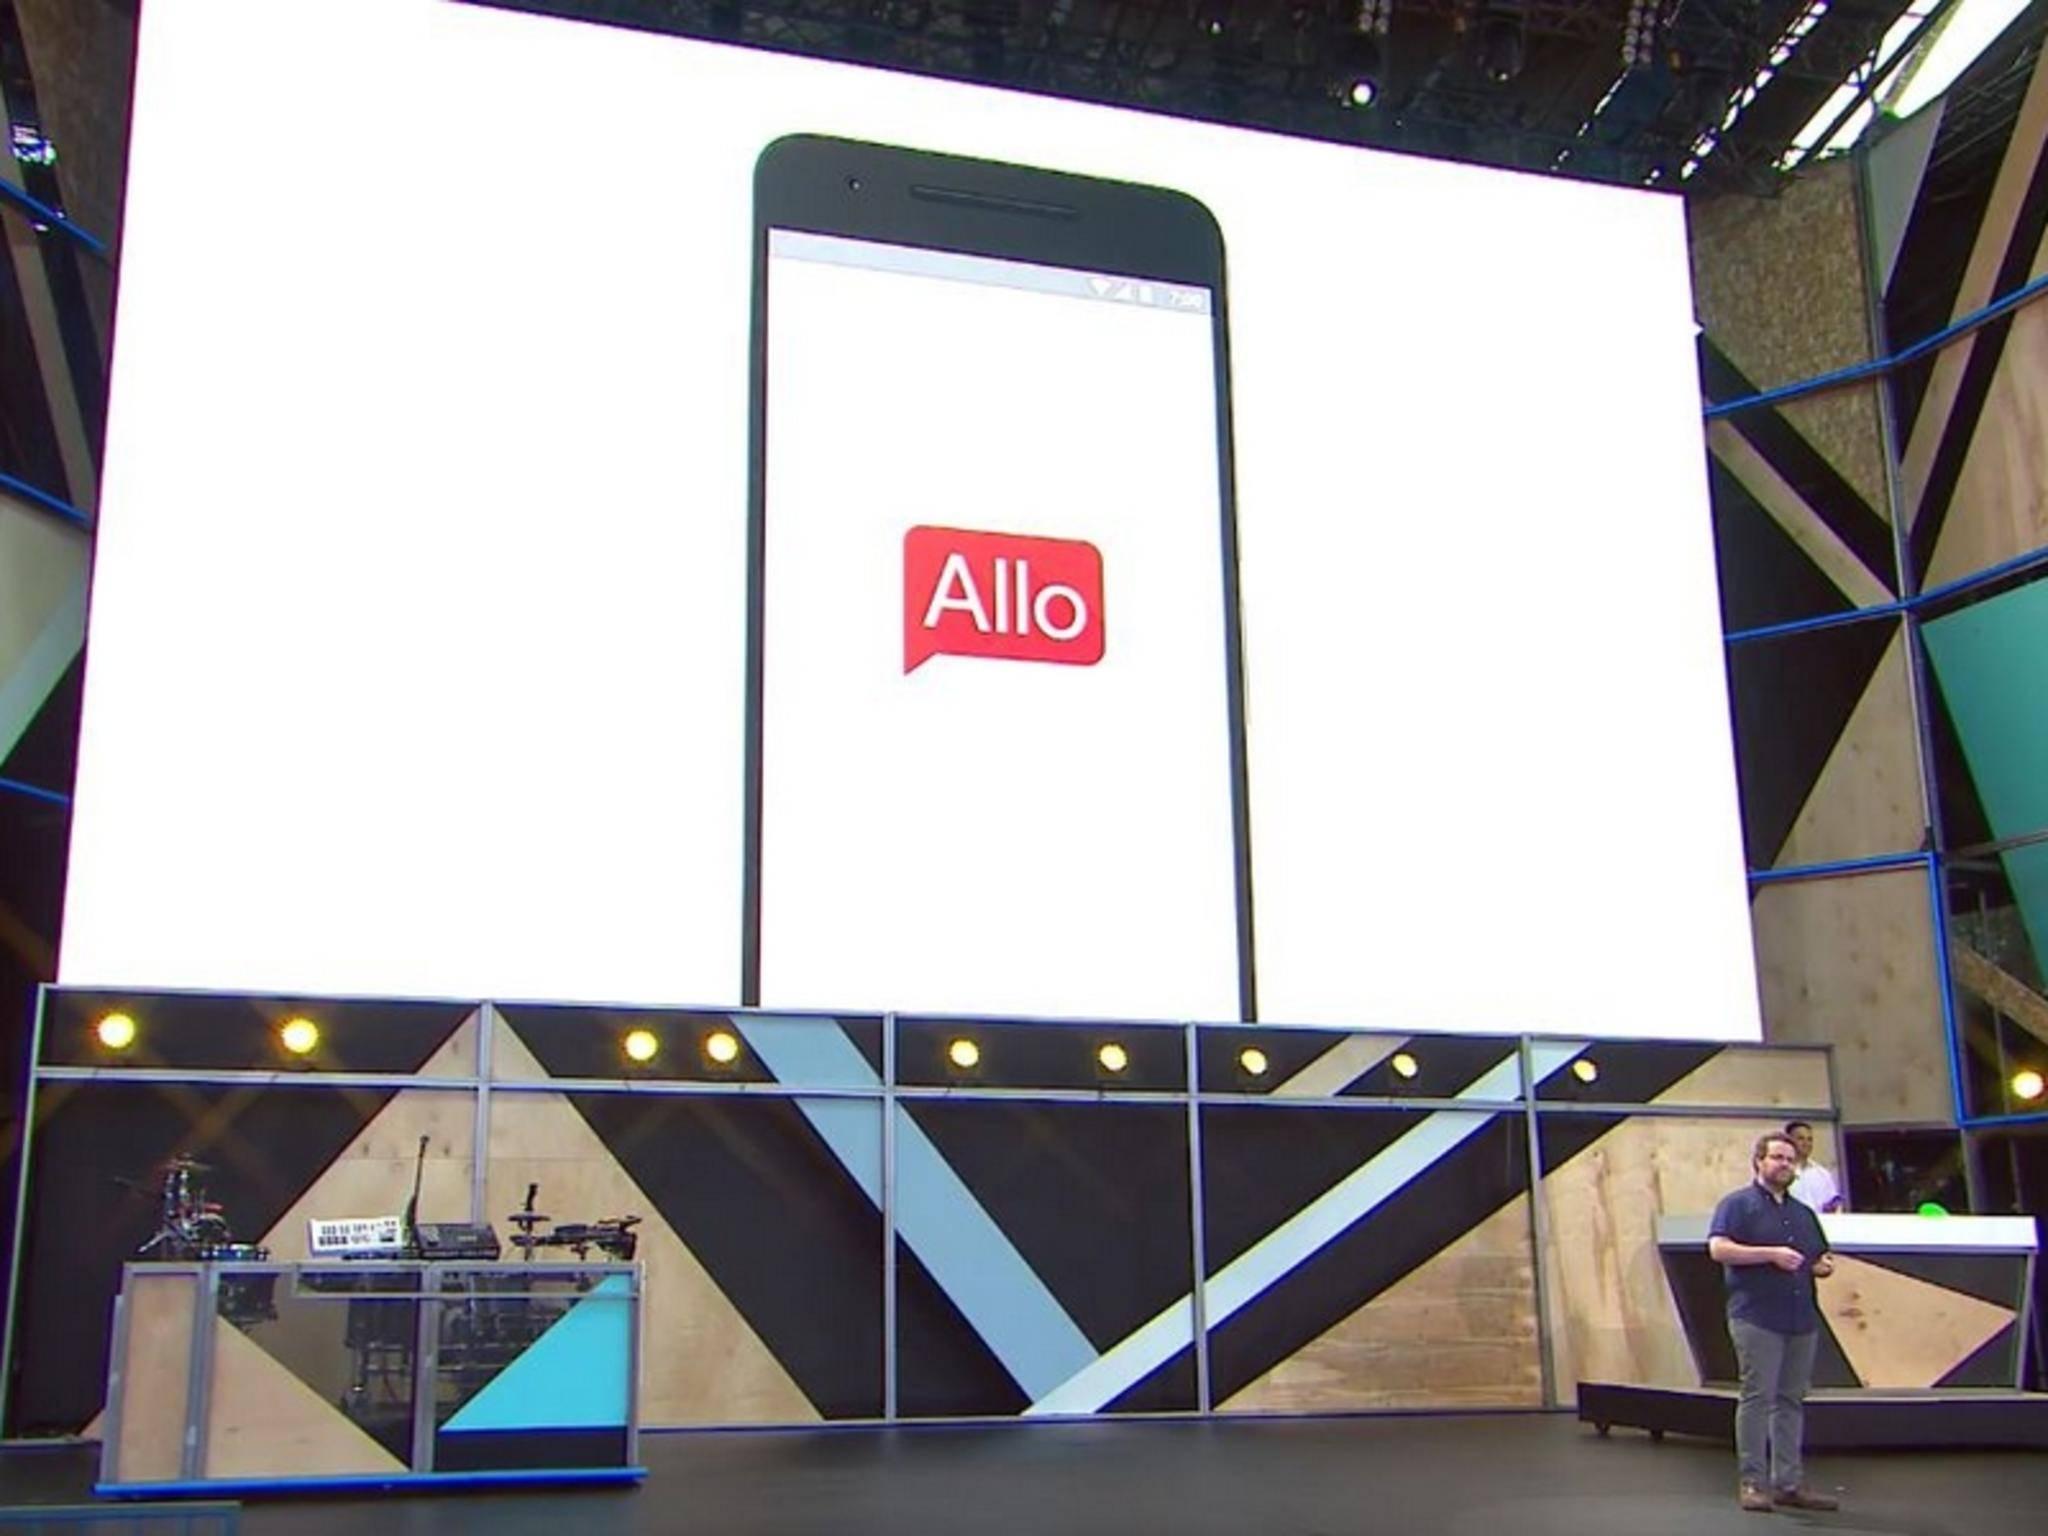 Google stellte Allo bereits auf seiner Entwicklerkonferenz vor.